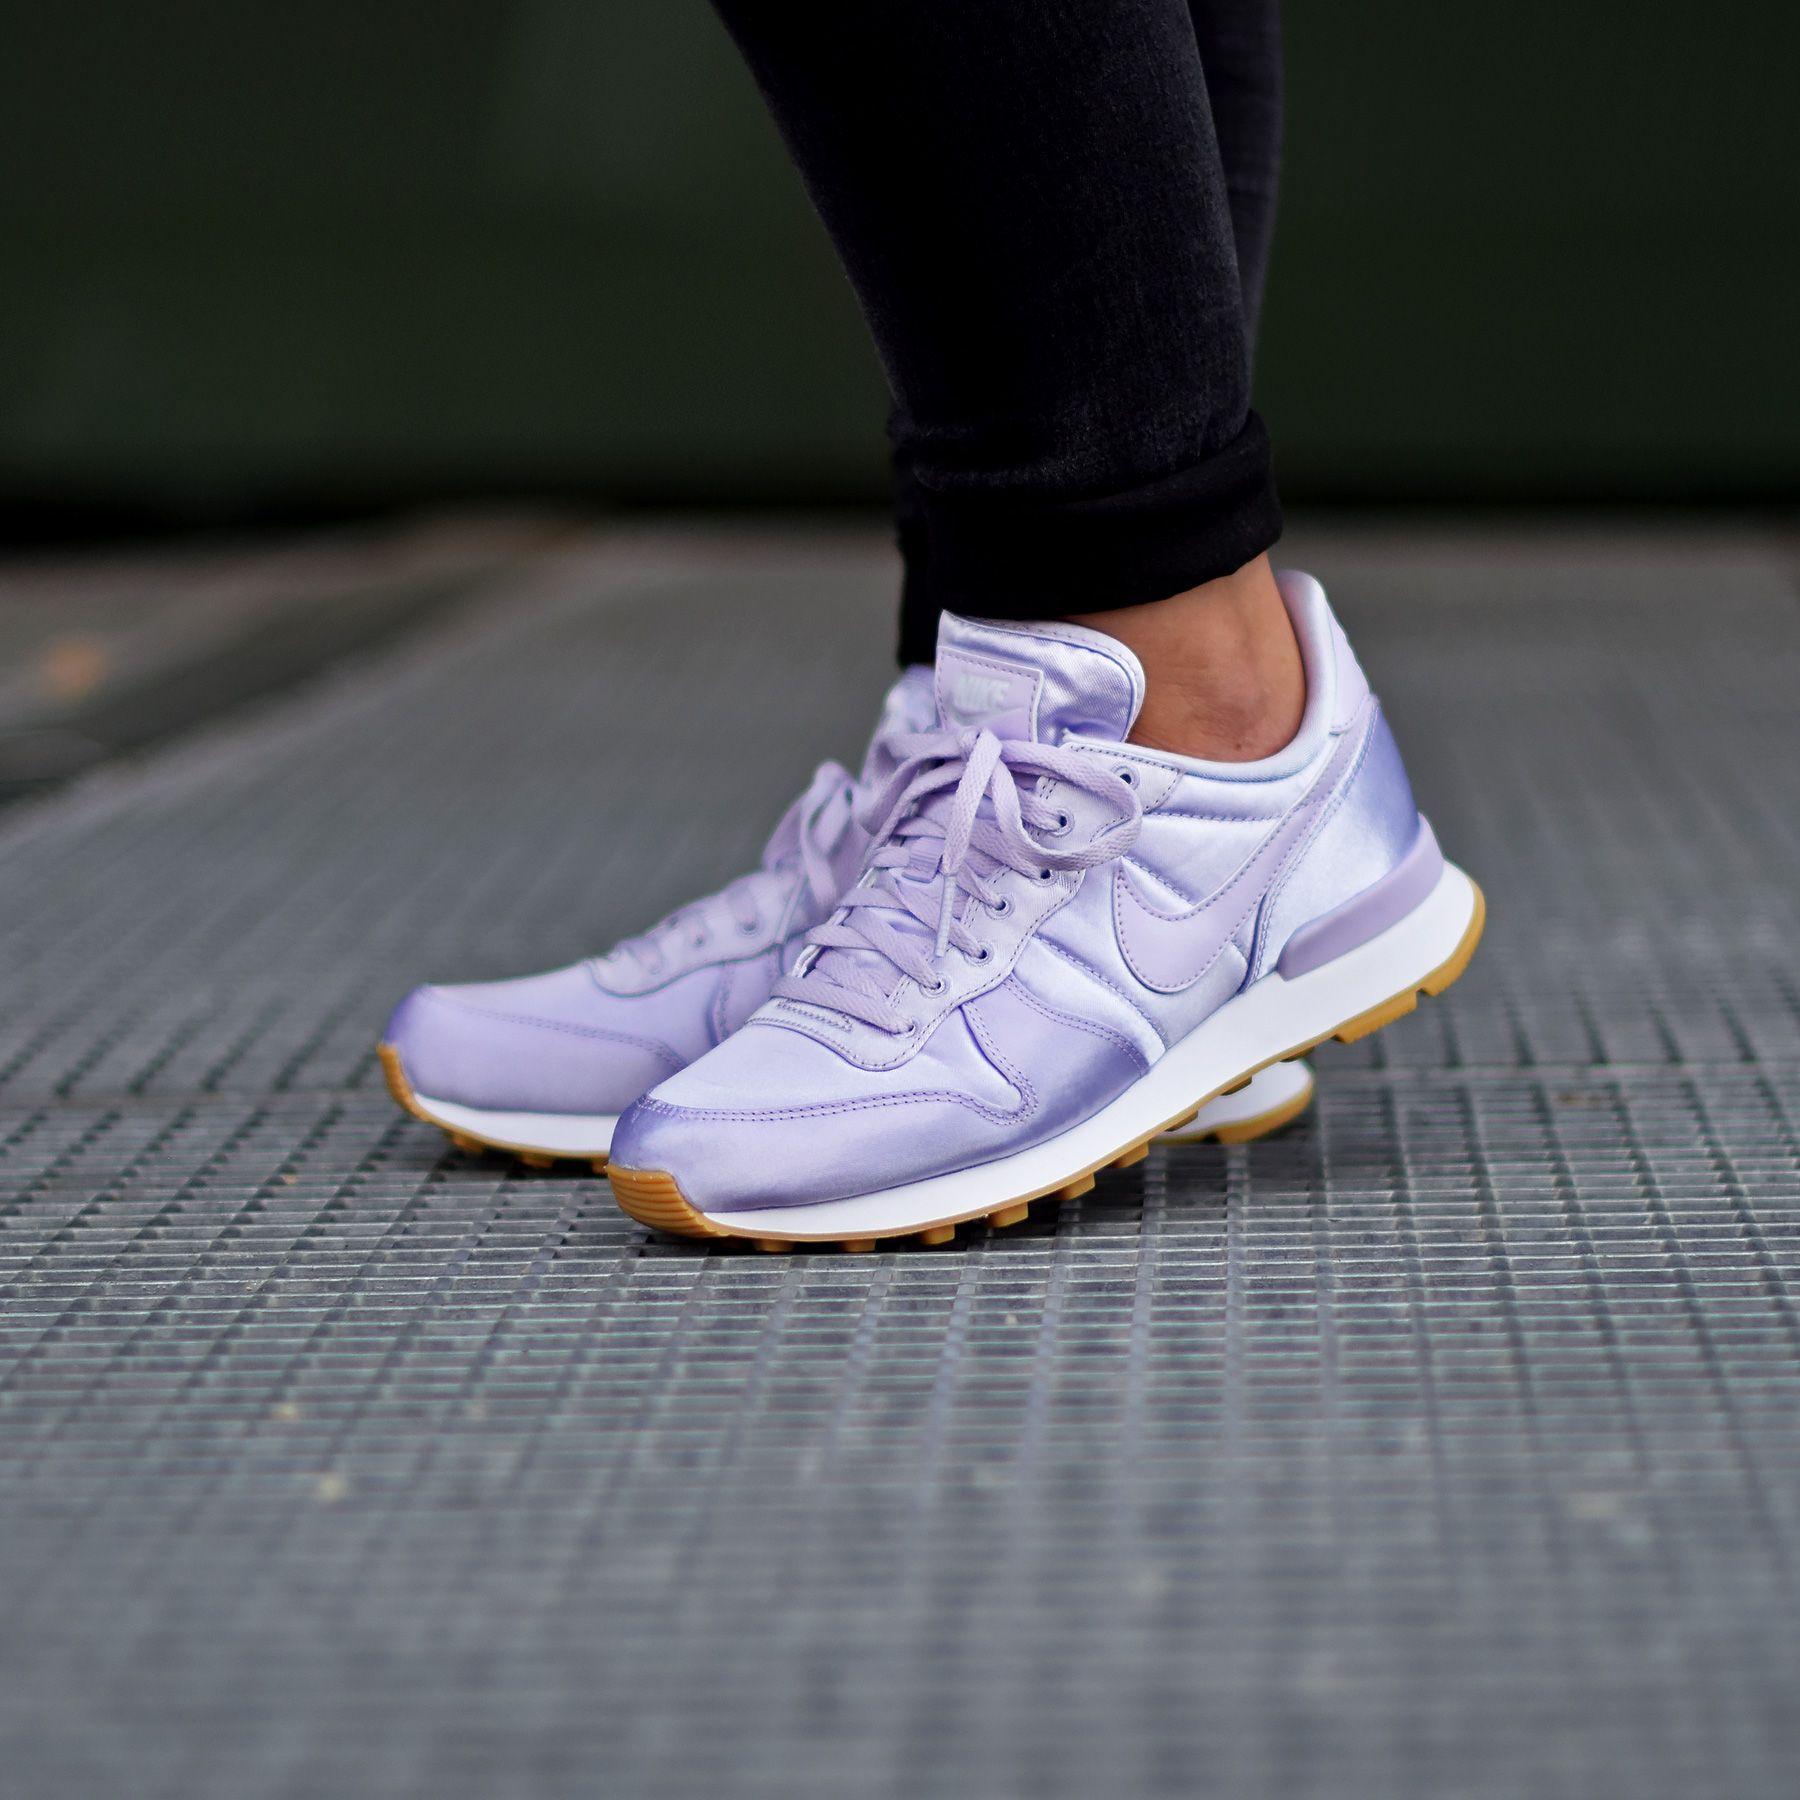 Nike W Internationalist Satin - Barely